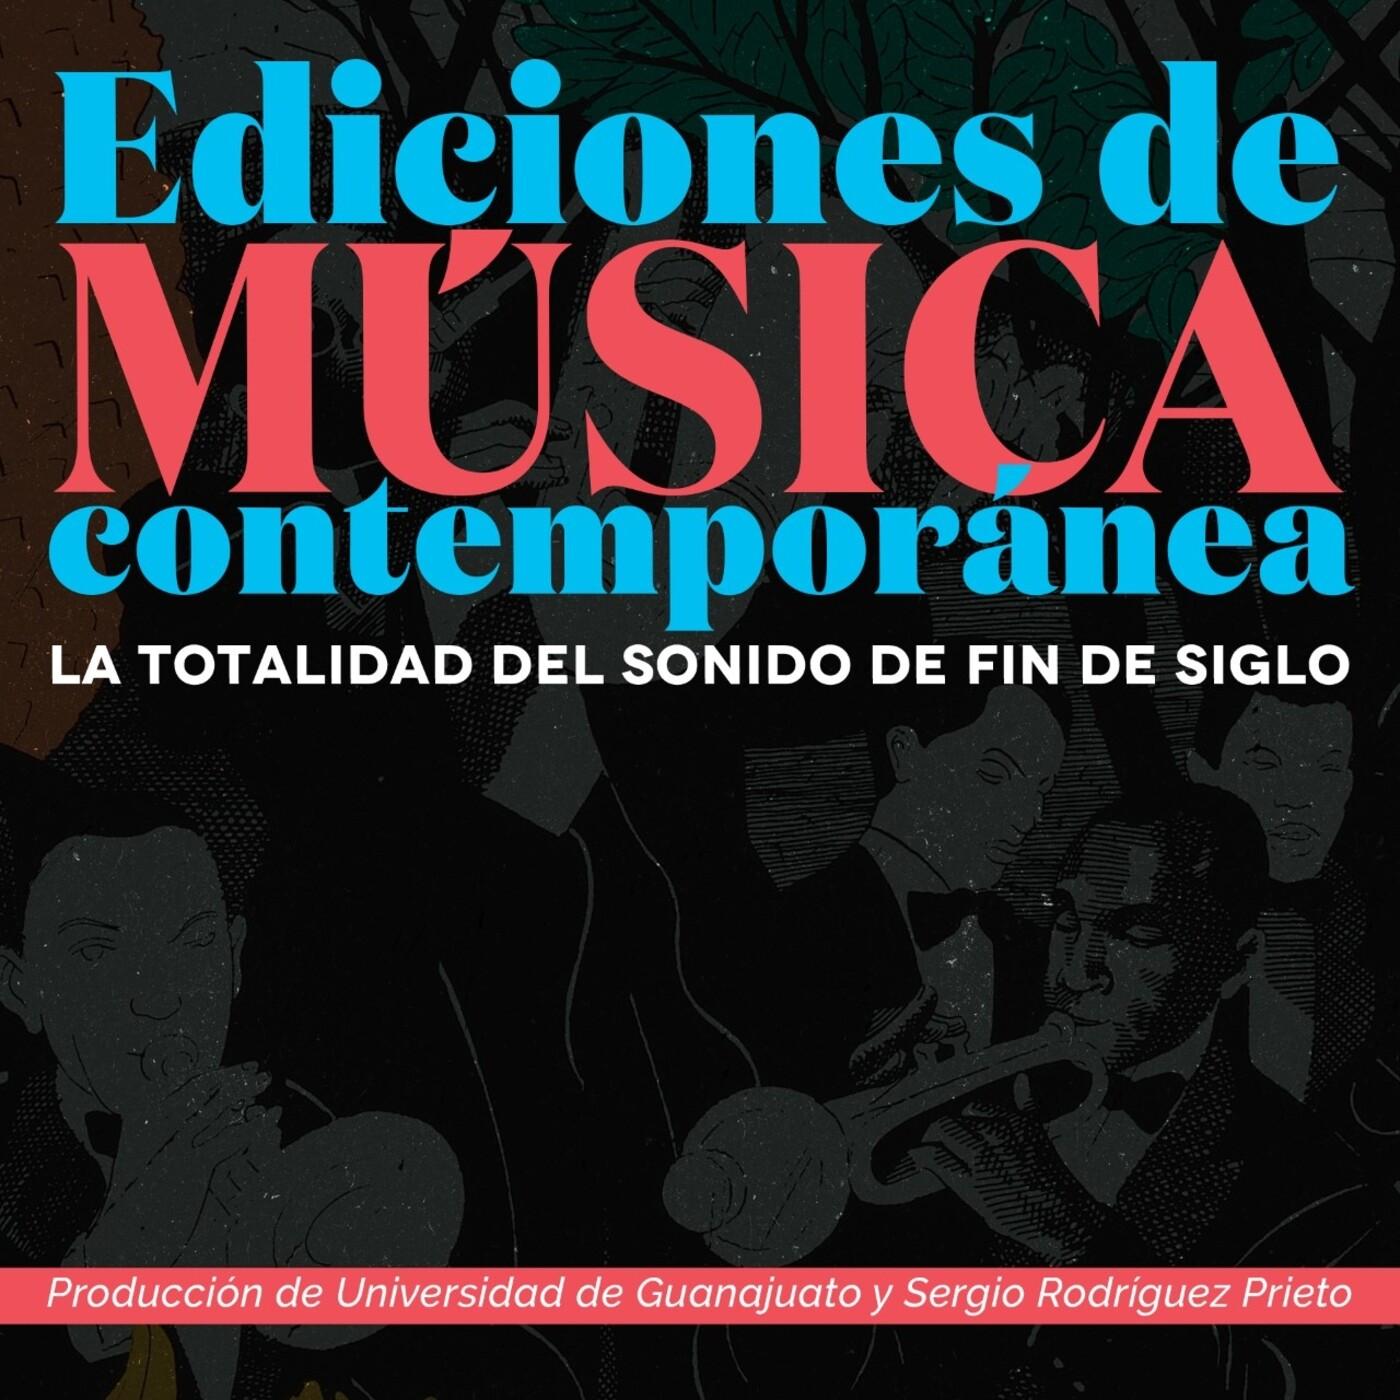 Industria discográfica jazzística estadounidense - Ediciones de Música Contemporánea